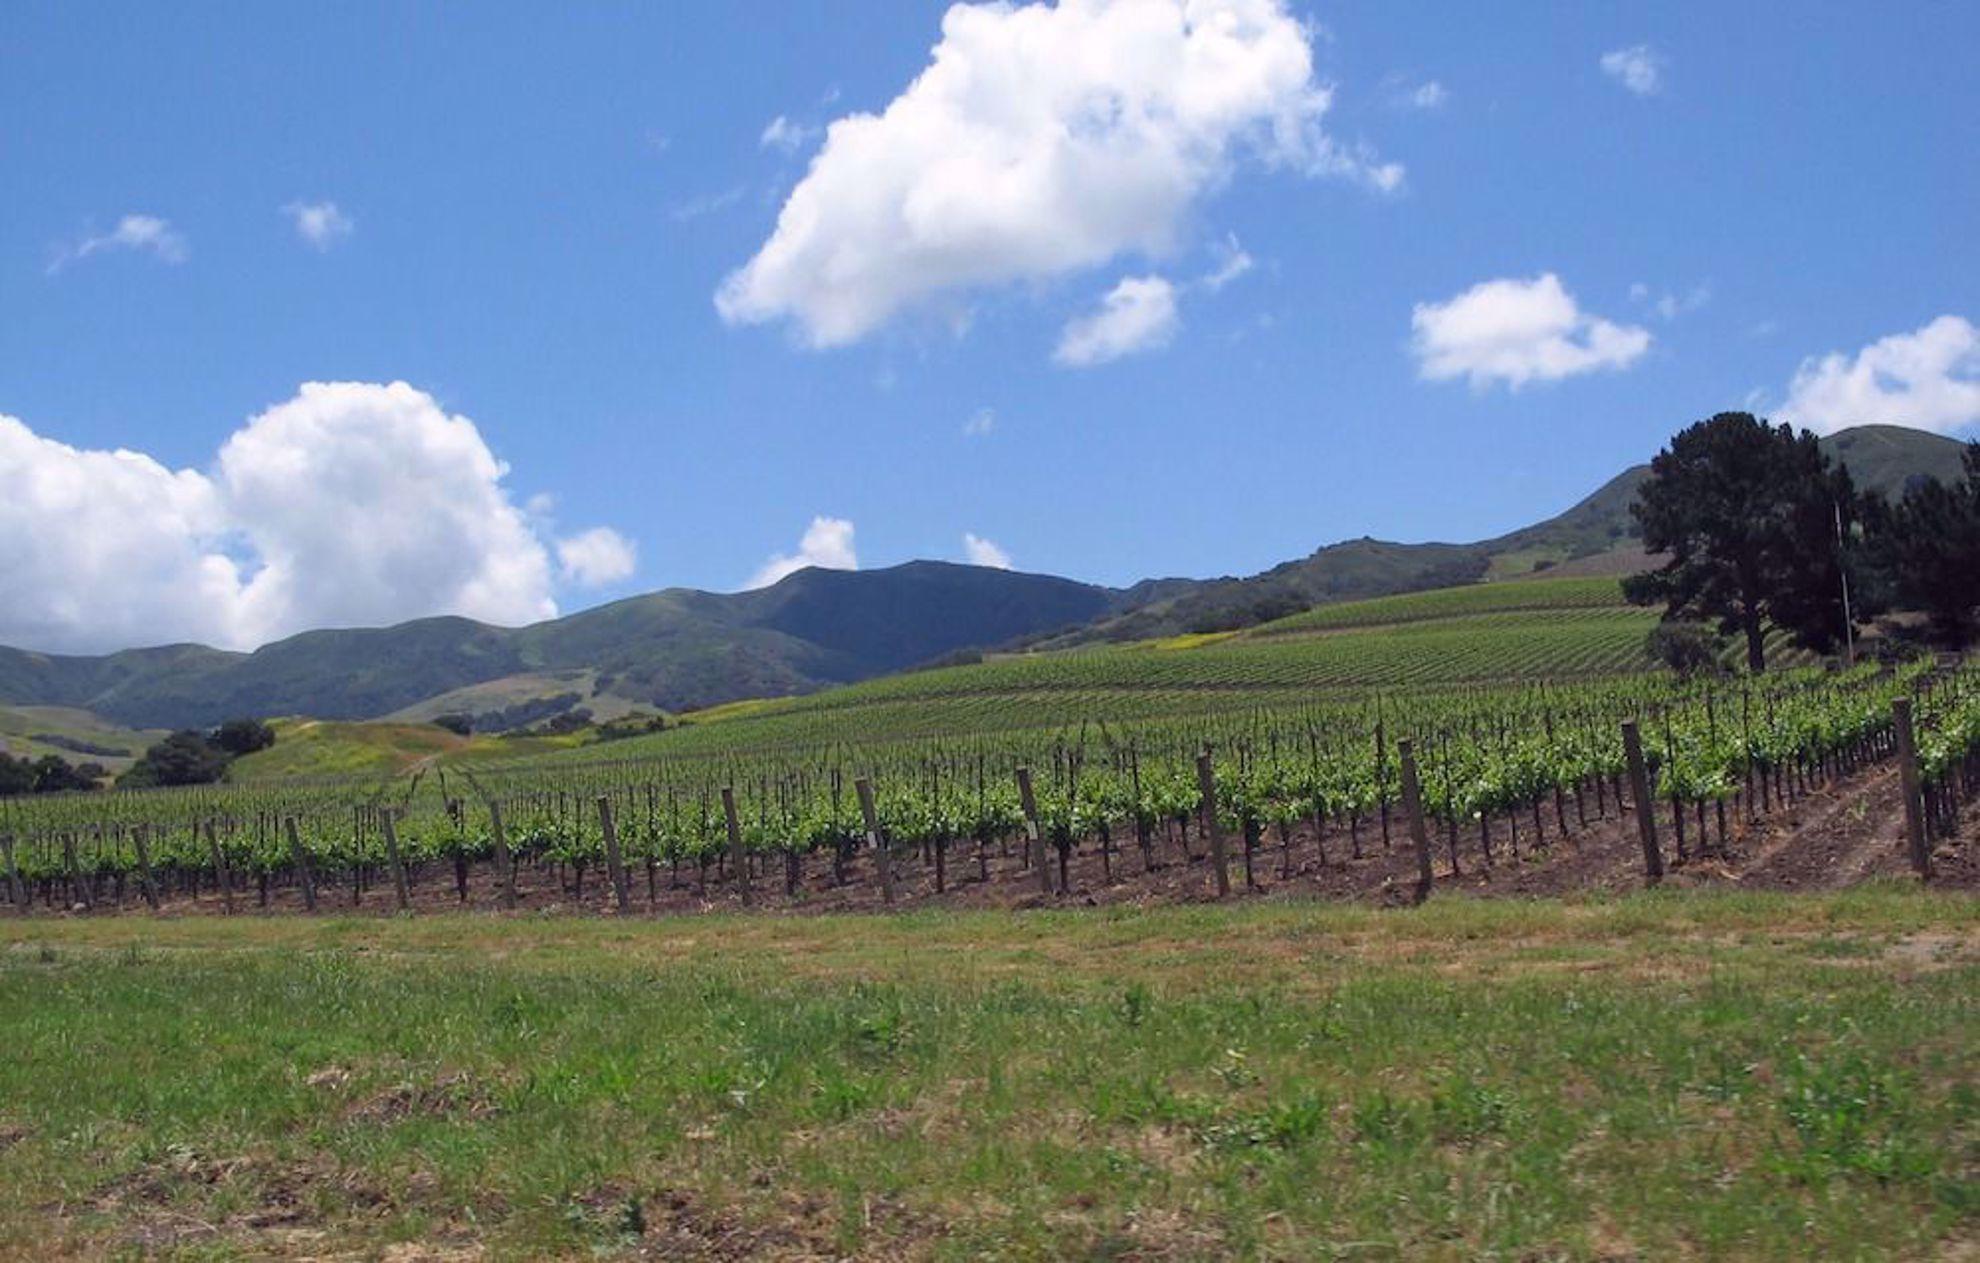 Vineyards near Santa Barbara